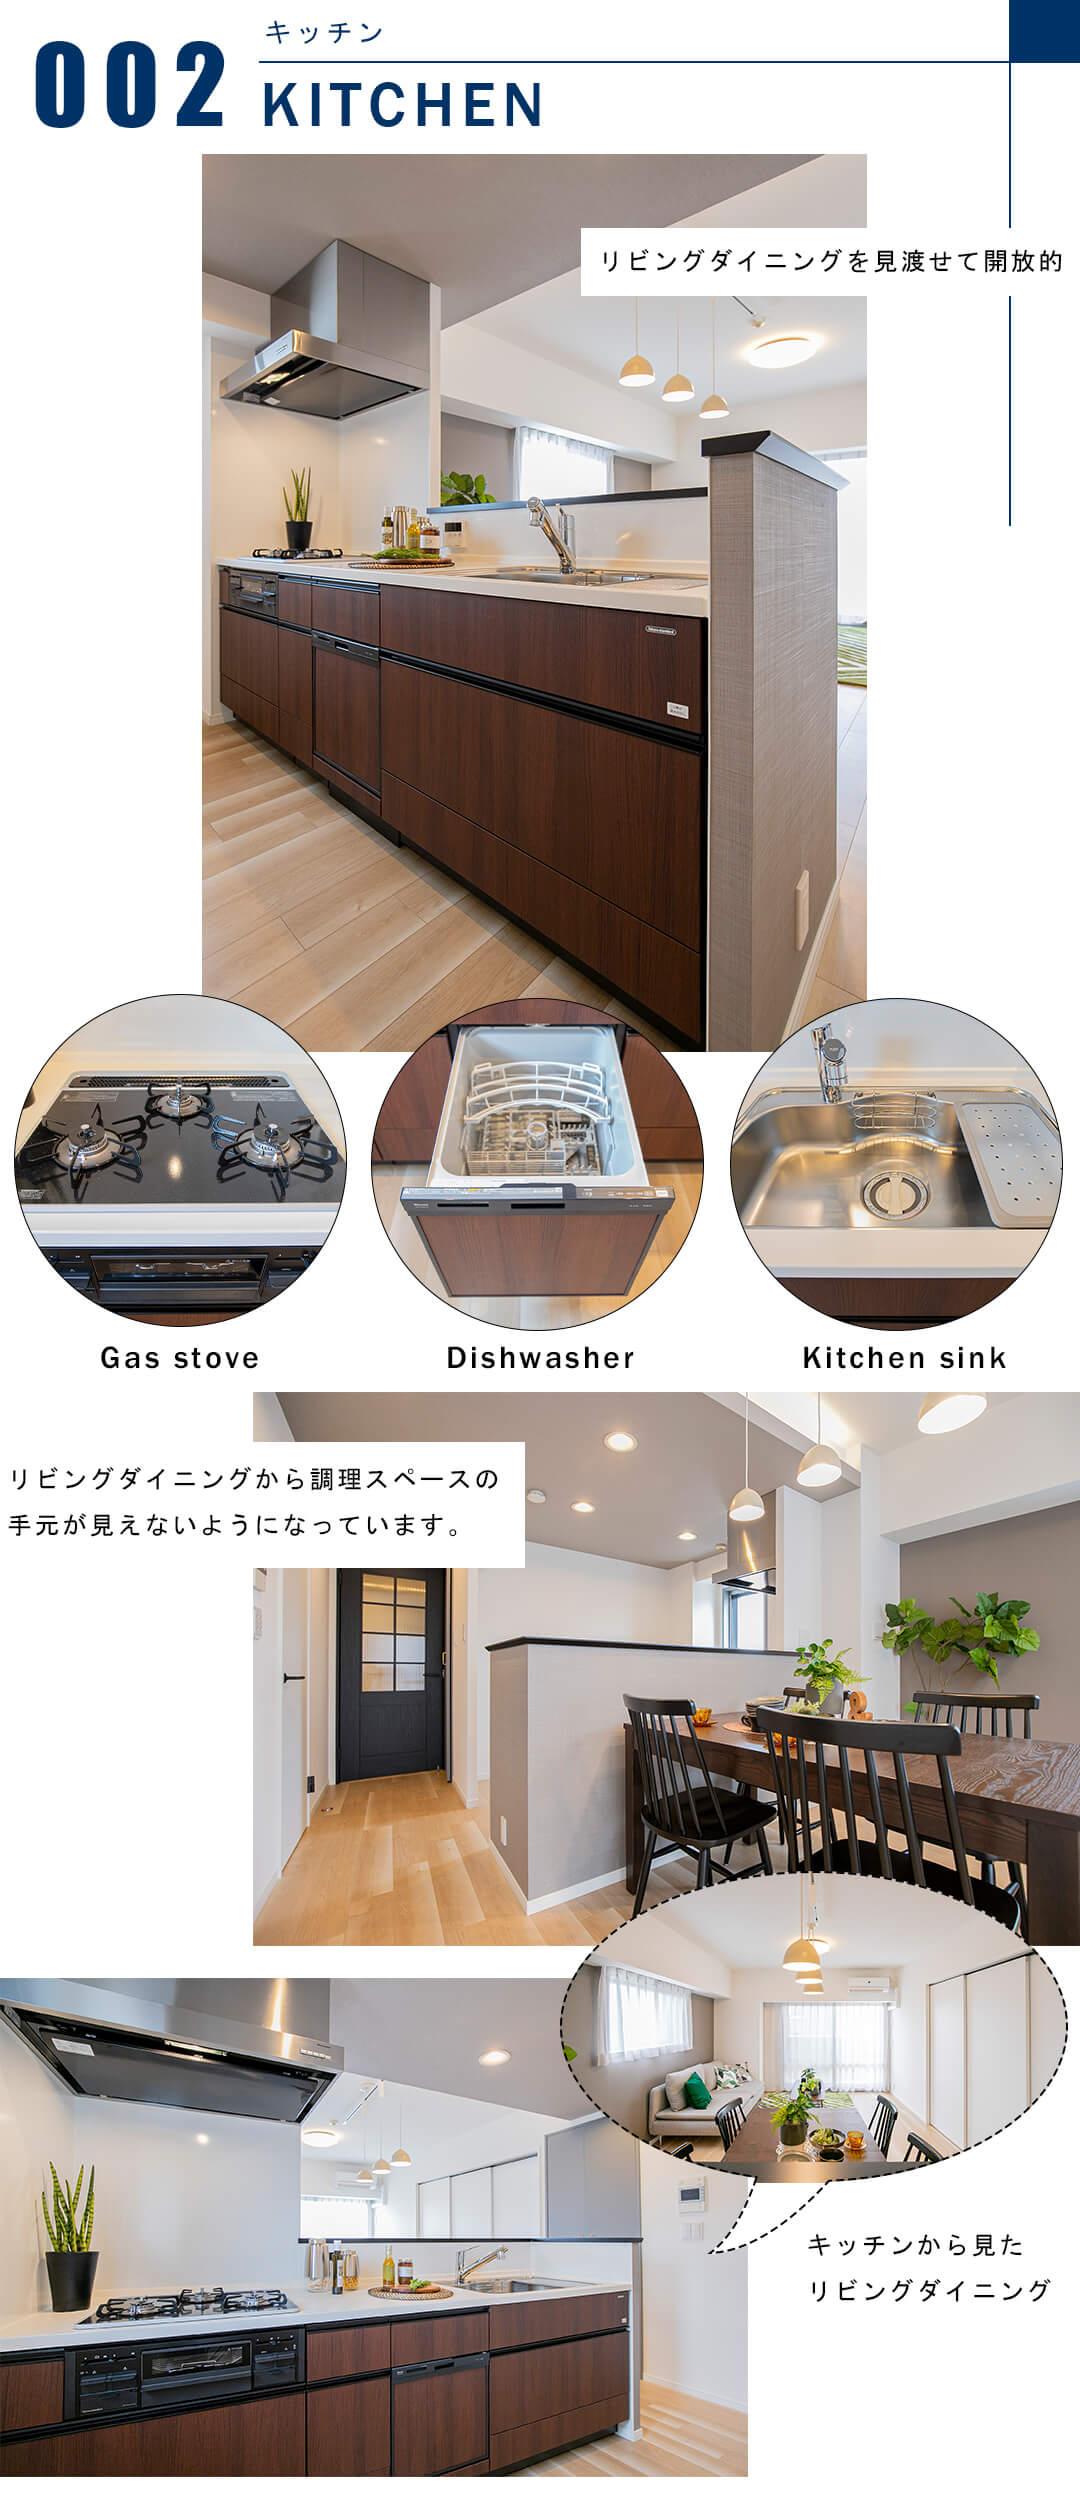 東京ビューマークスのキッチン